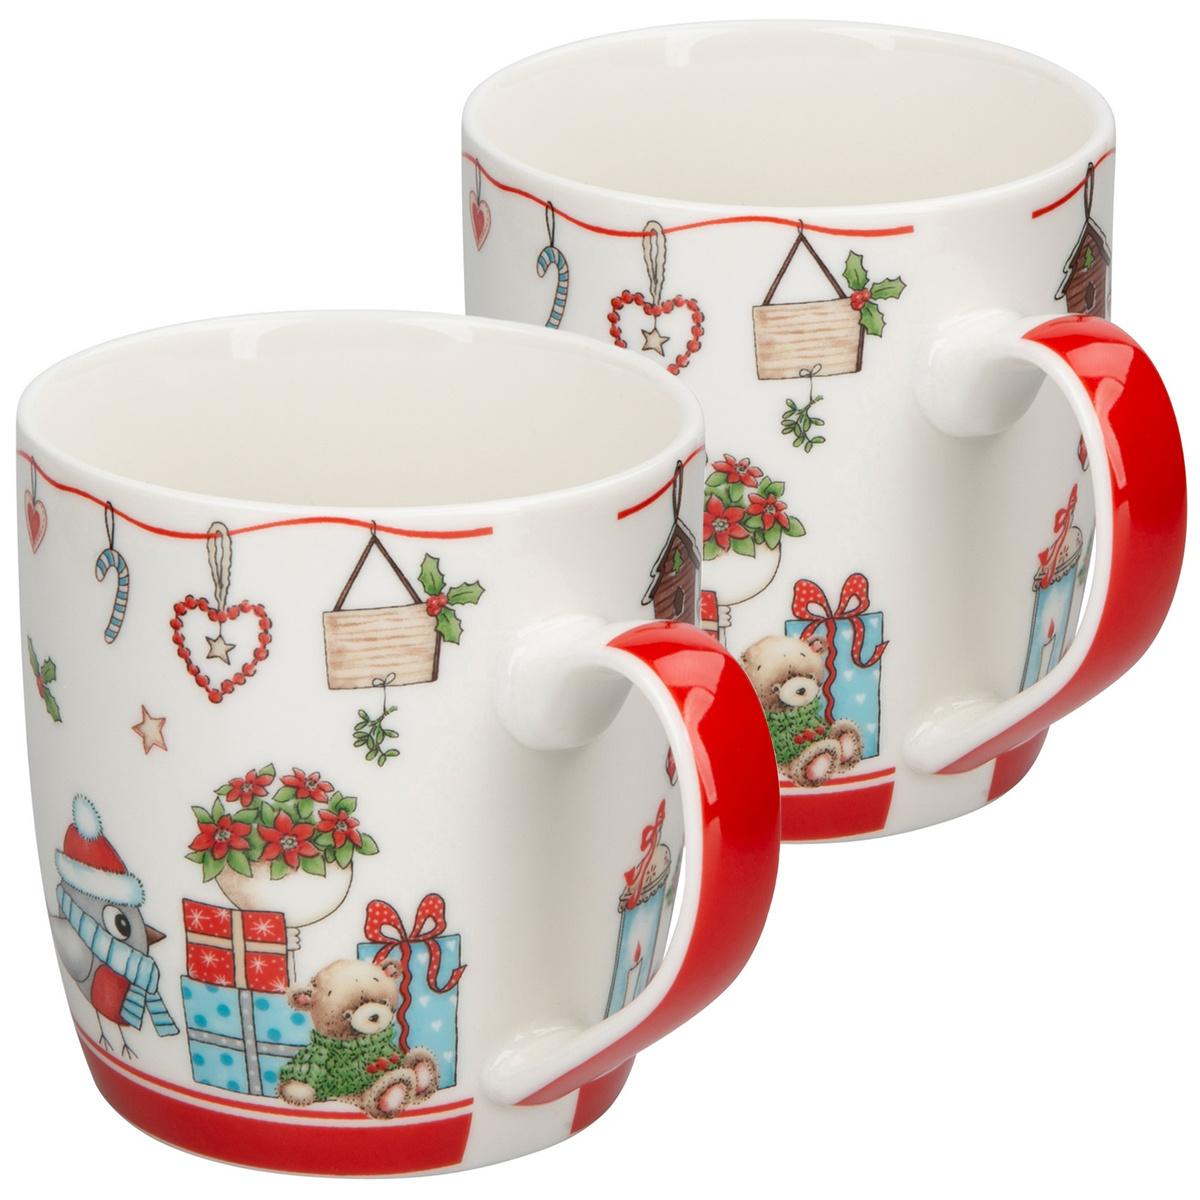 Altom Porcelánový hrnek Holly Christmas red 300 ml, 2 ks